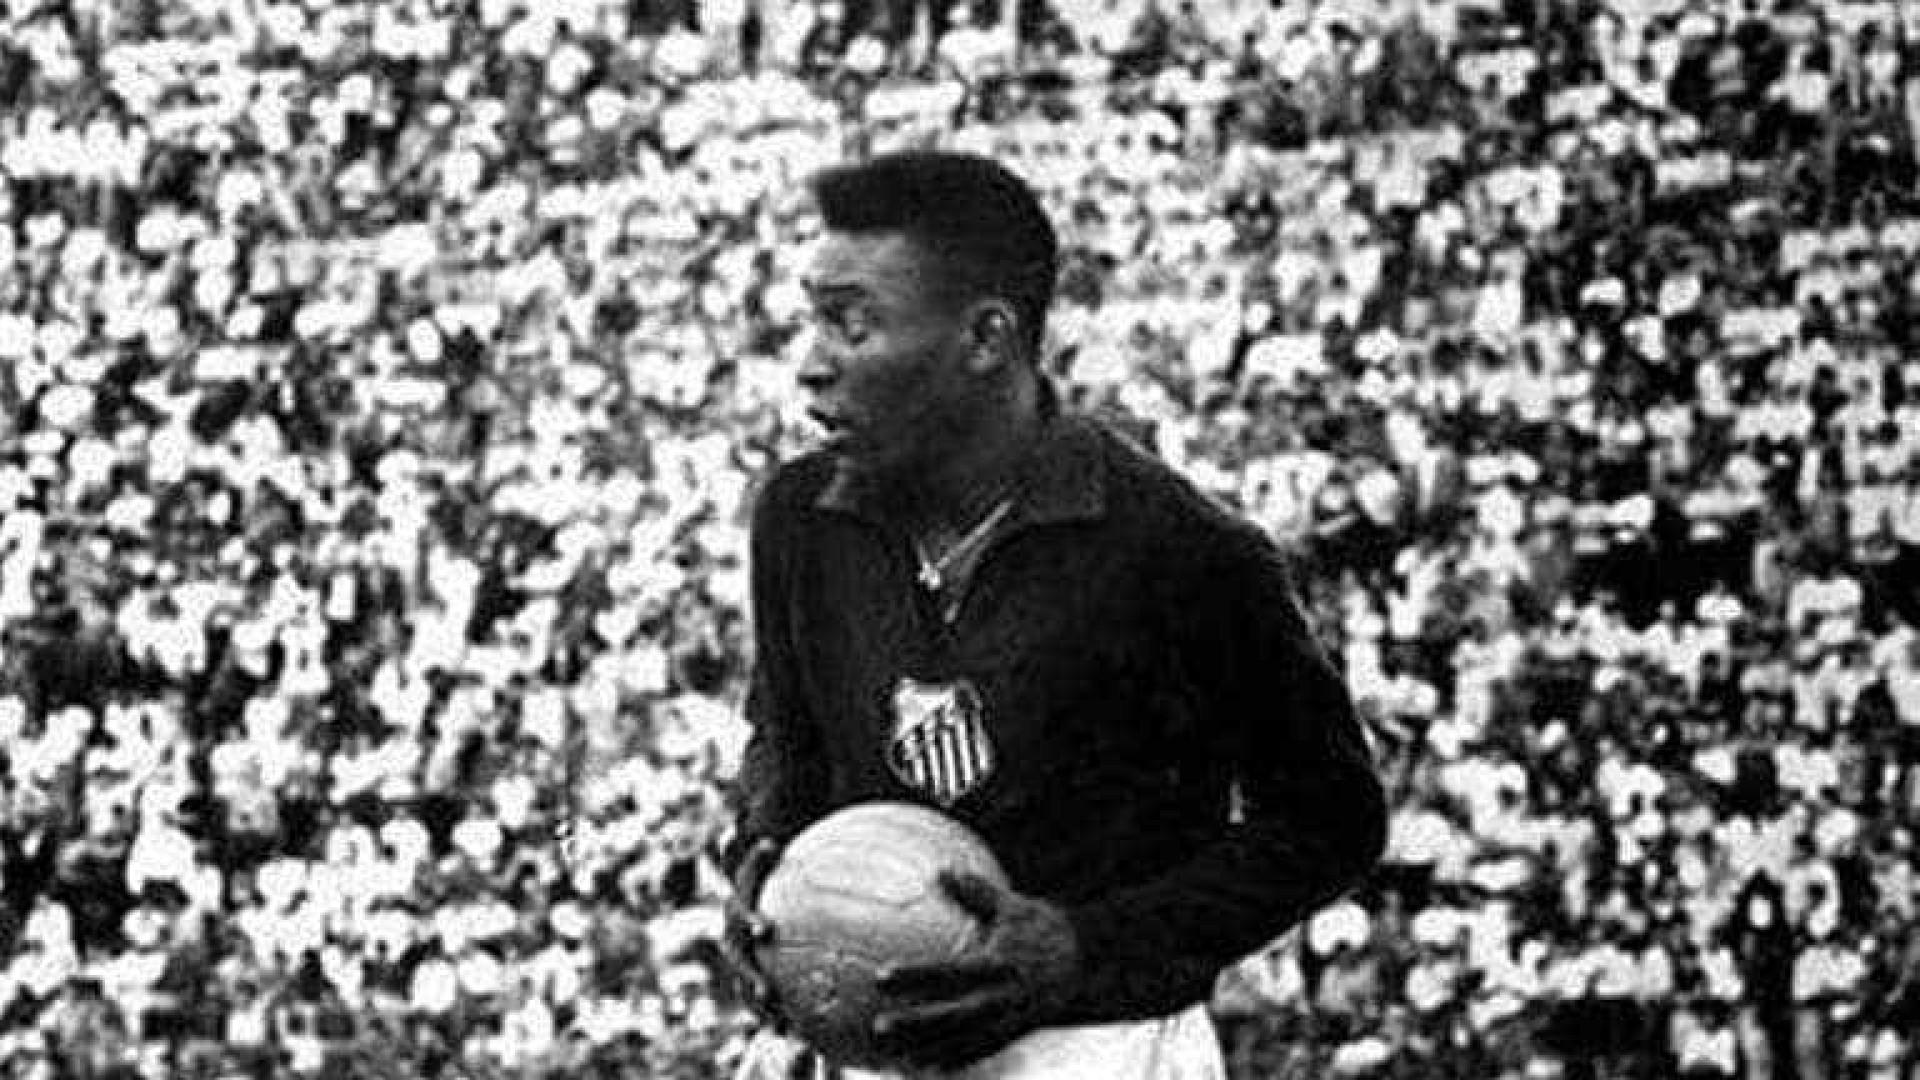 Ninguém sabe onde foi parar camisa 1 que Pelé usou quando jogou no gol